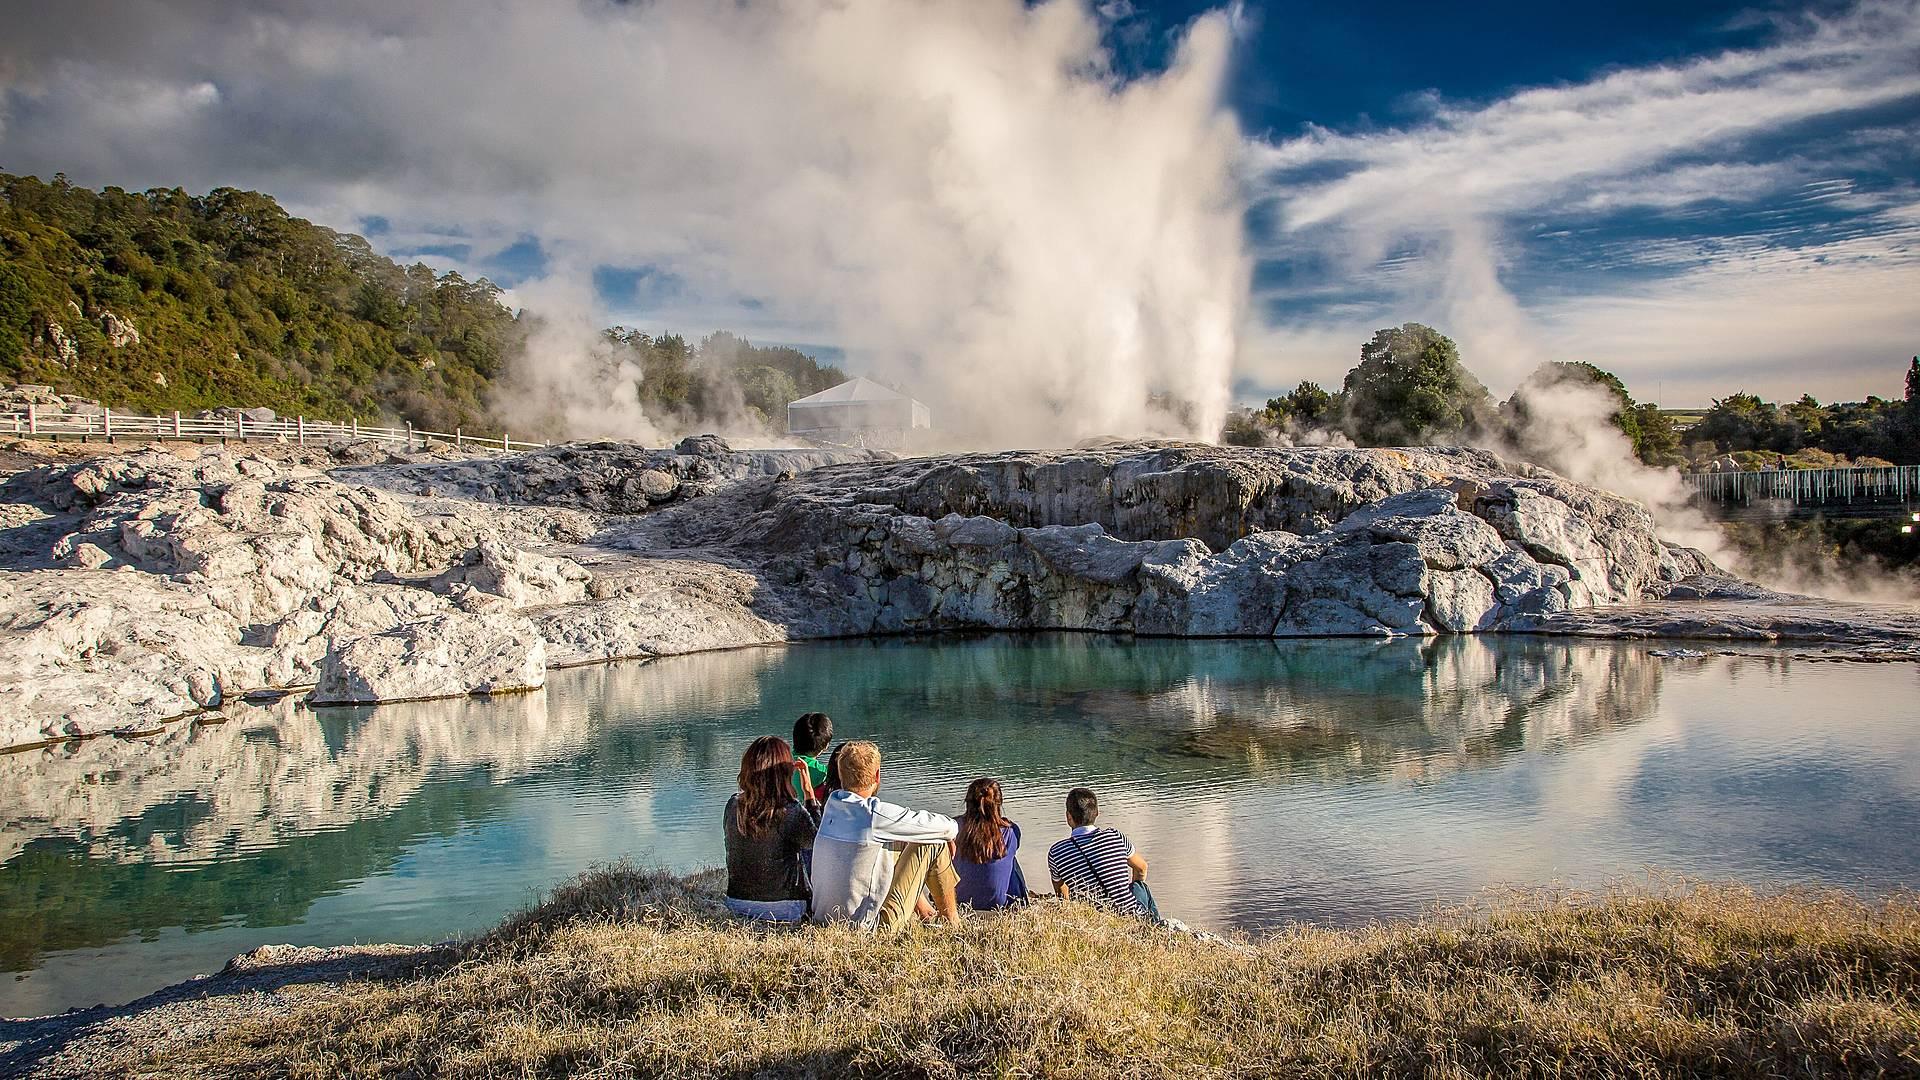 Natur hautnah erleben - Auckland - Christchurch